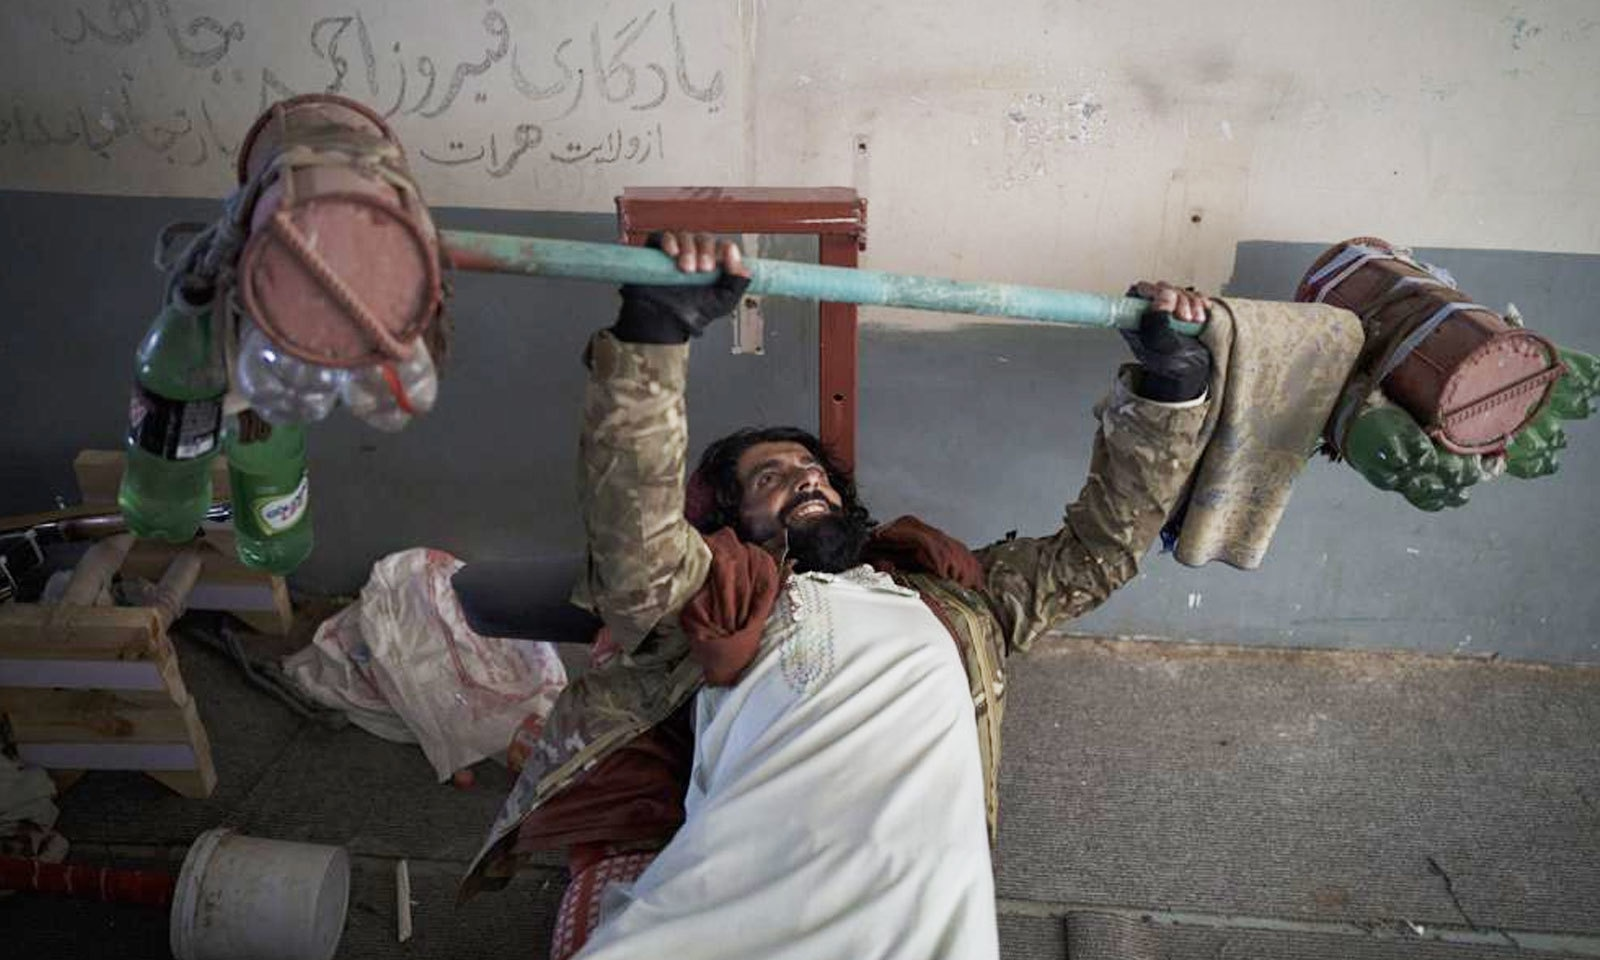 طالبان جنگجو پل چرخی جیل میں 13 ستمبر کو ورزش کرتے ہوئے — فوٹو: اے پی